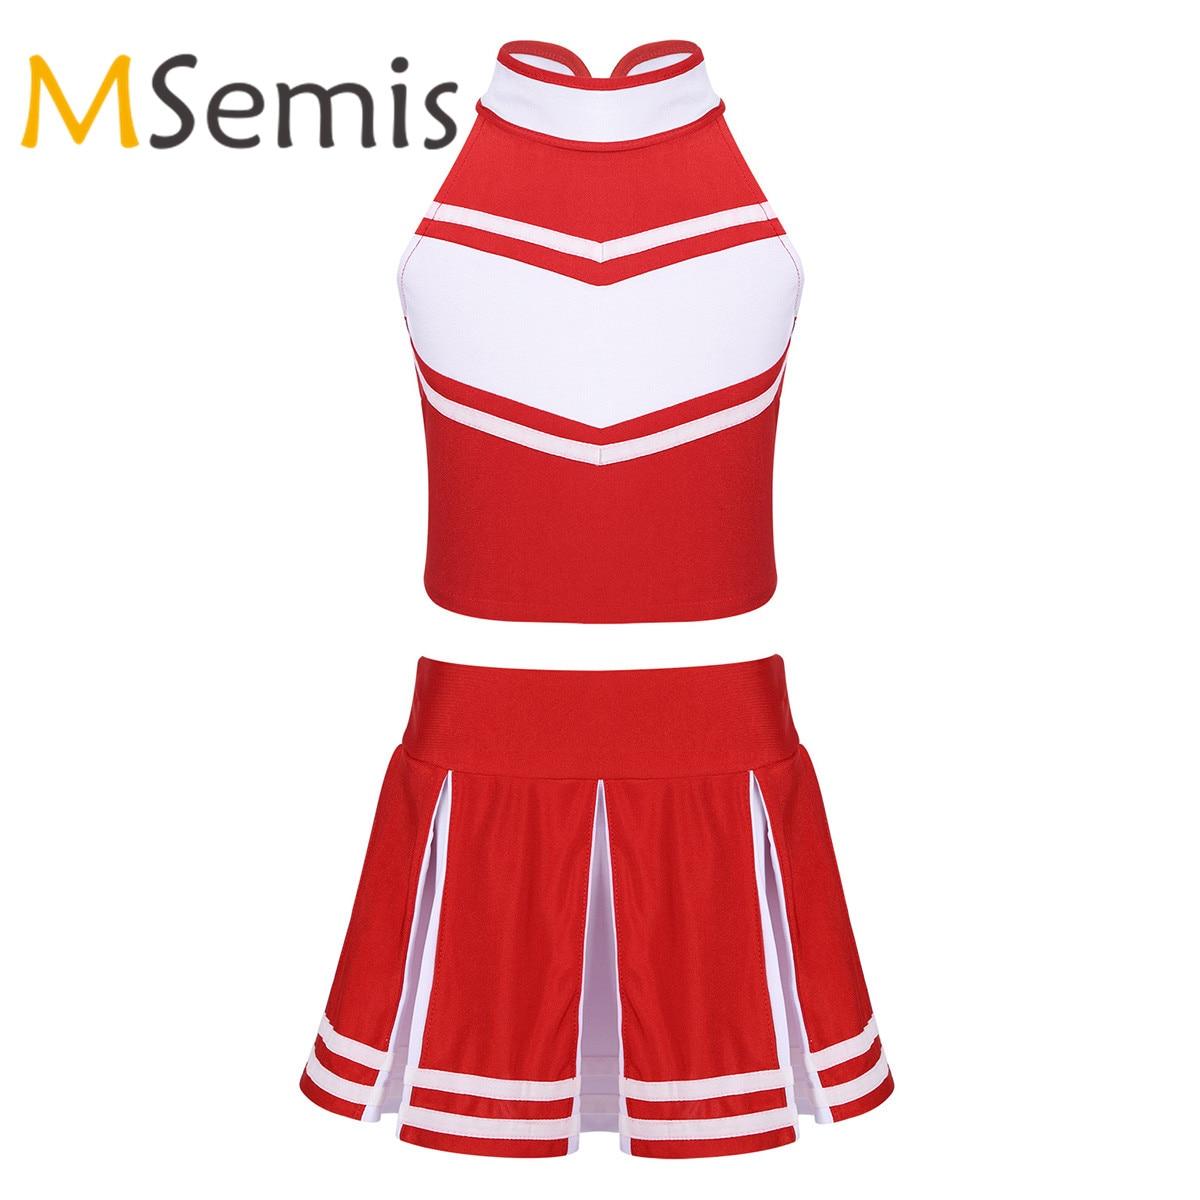 Kids Girls Cheerleader Costume Outfit Sleeveless Zippered Tops With Pleated Cheerleading Skirt Children's Cheerleader Dancewear